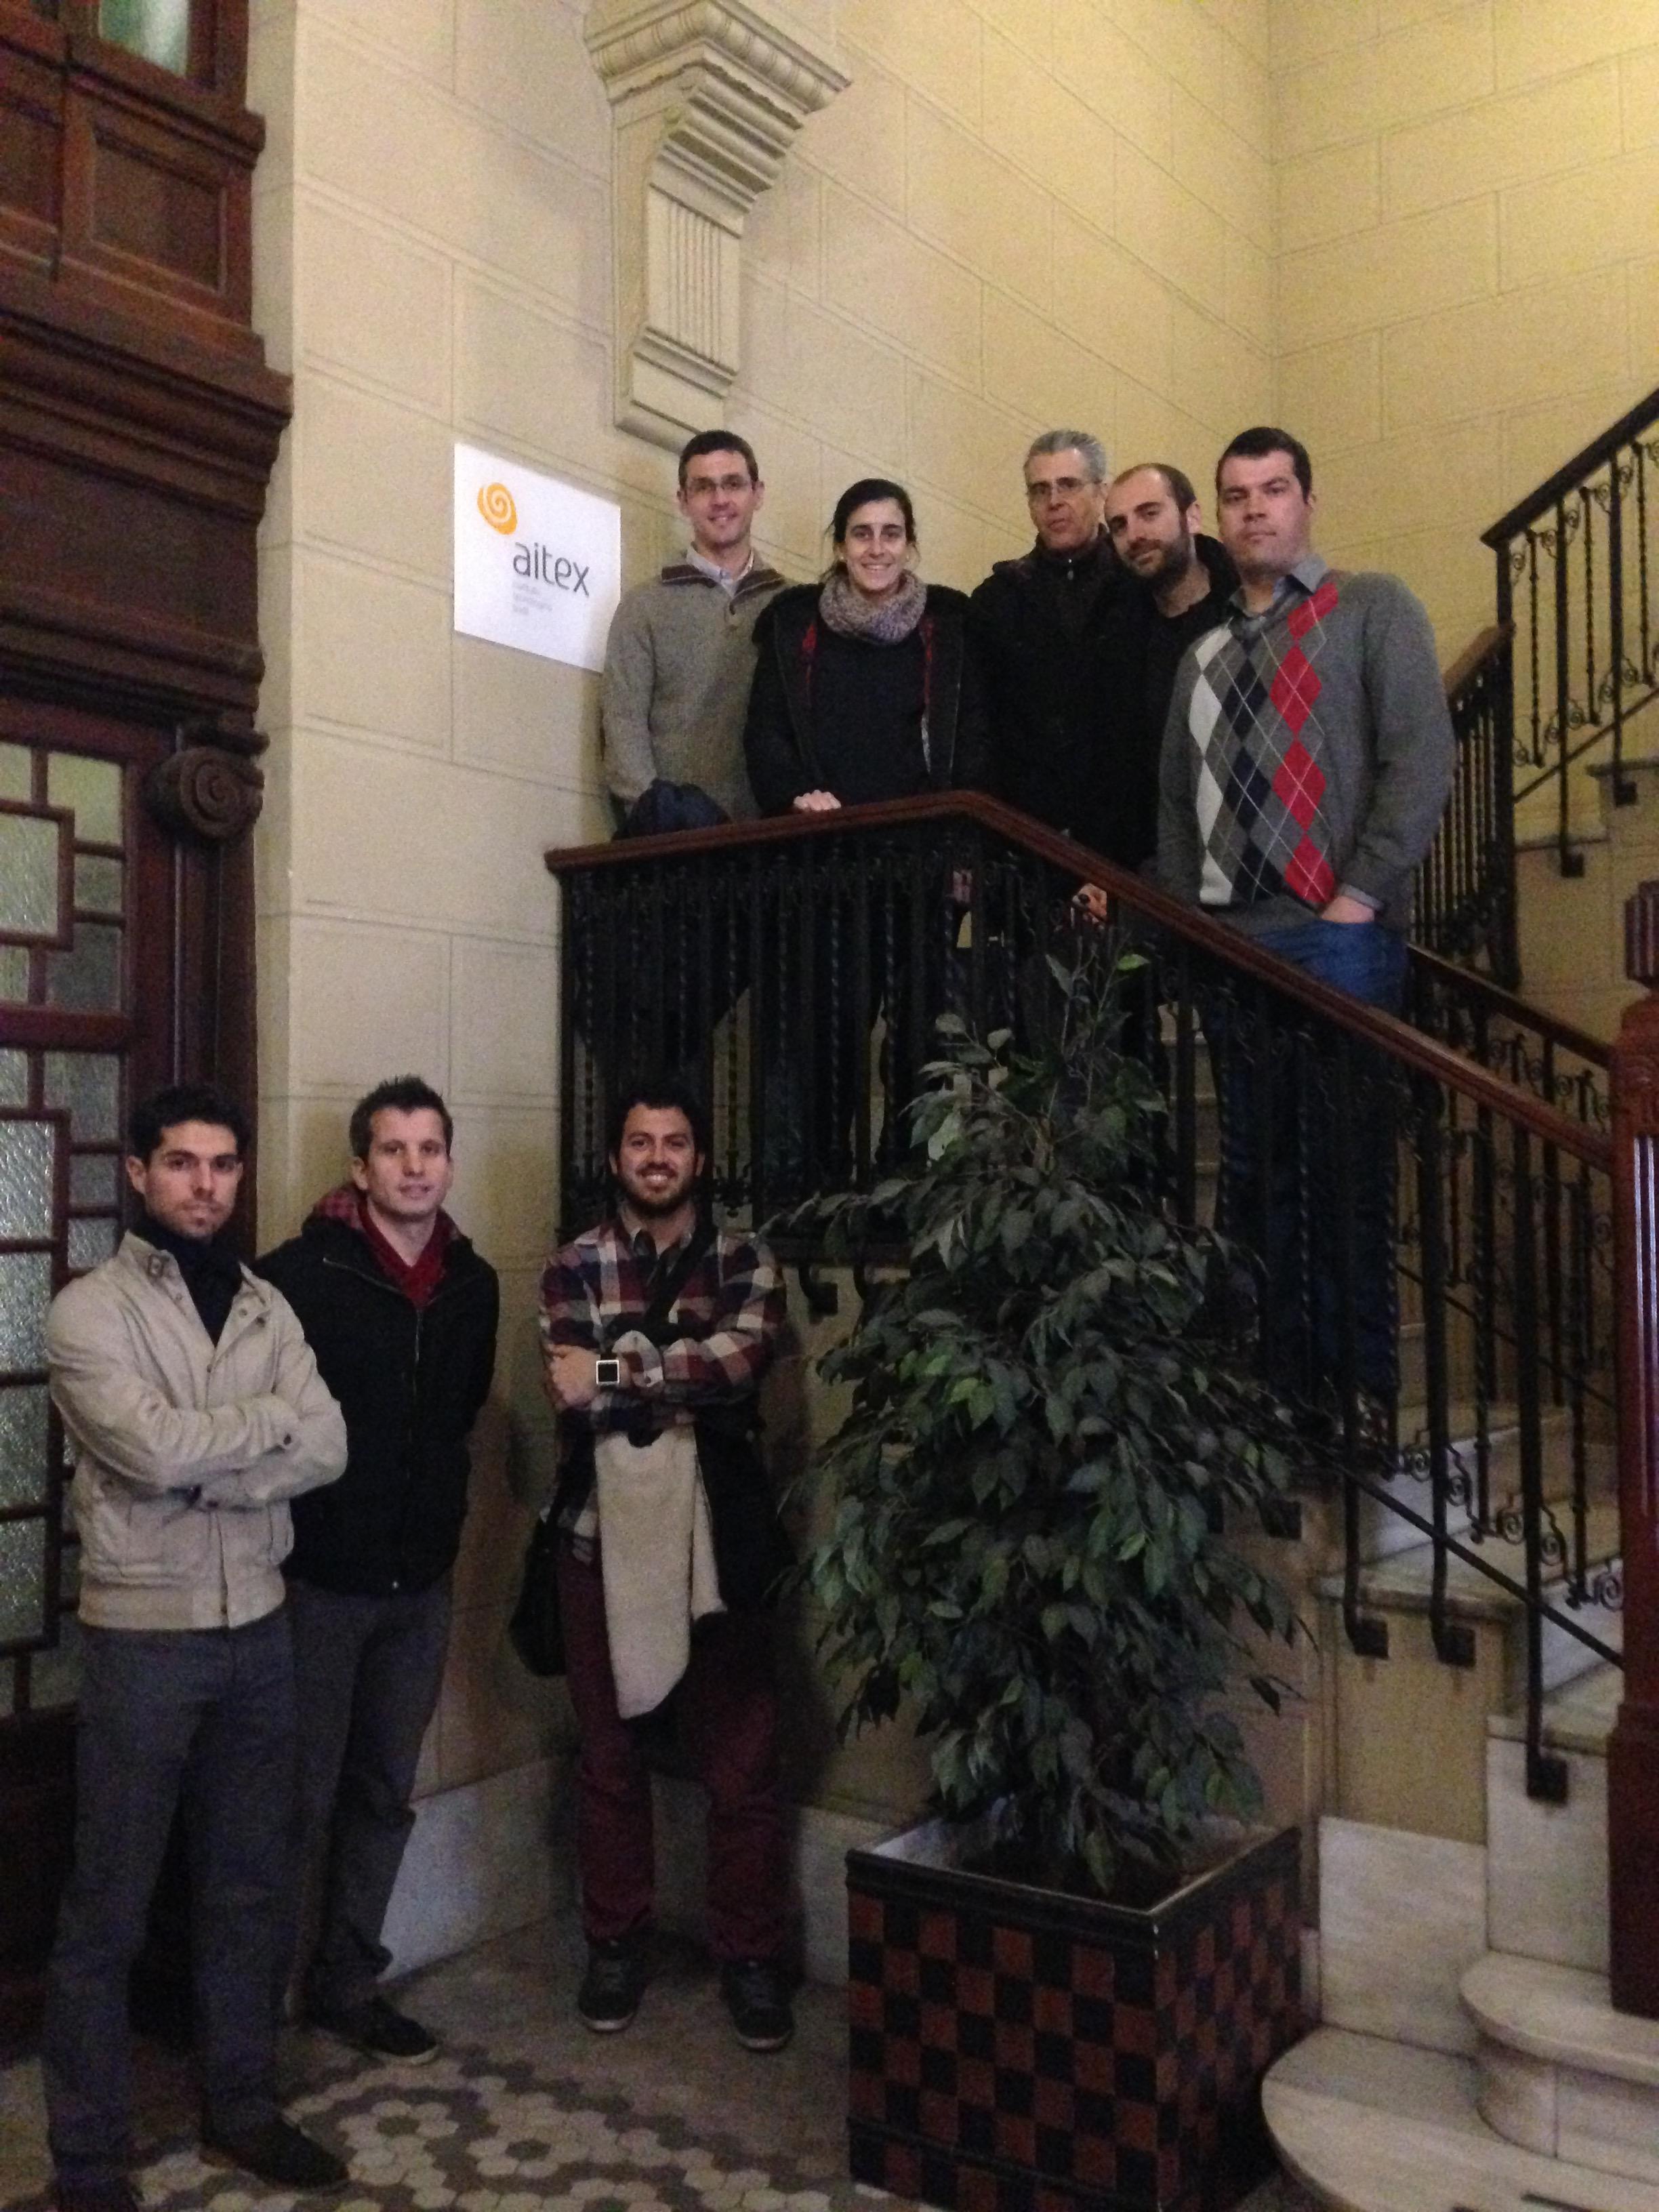 pessoas posam para foto em escadaria no prédio da aitex, empresa espanhola na cidade de Valência